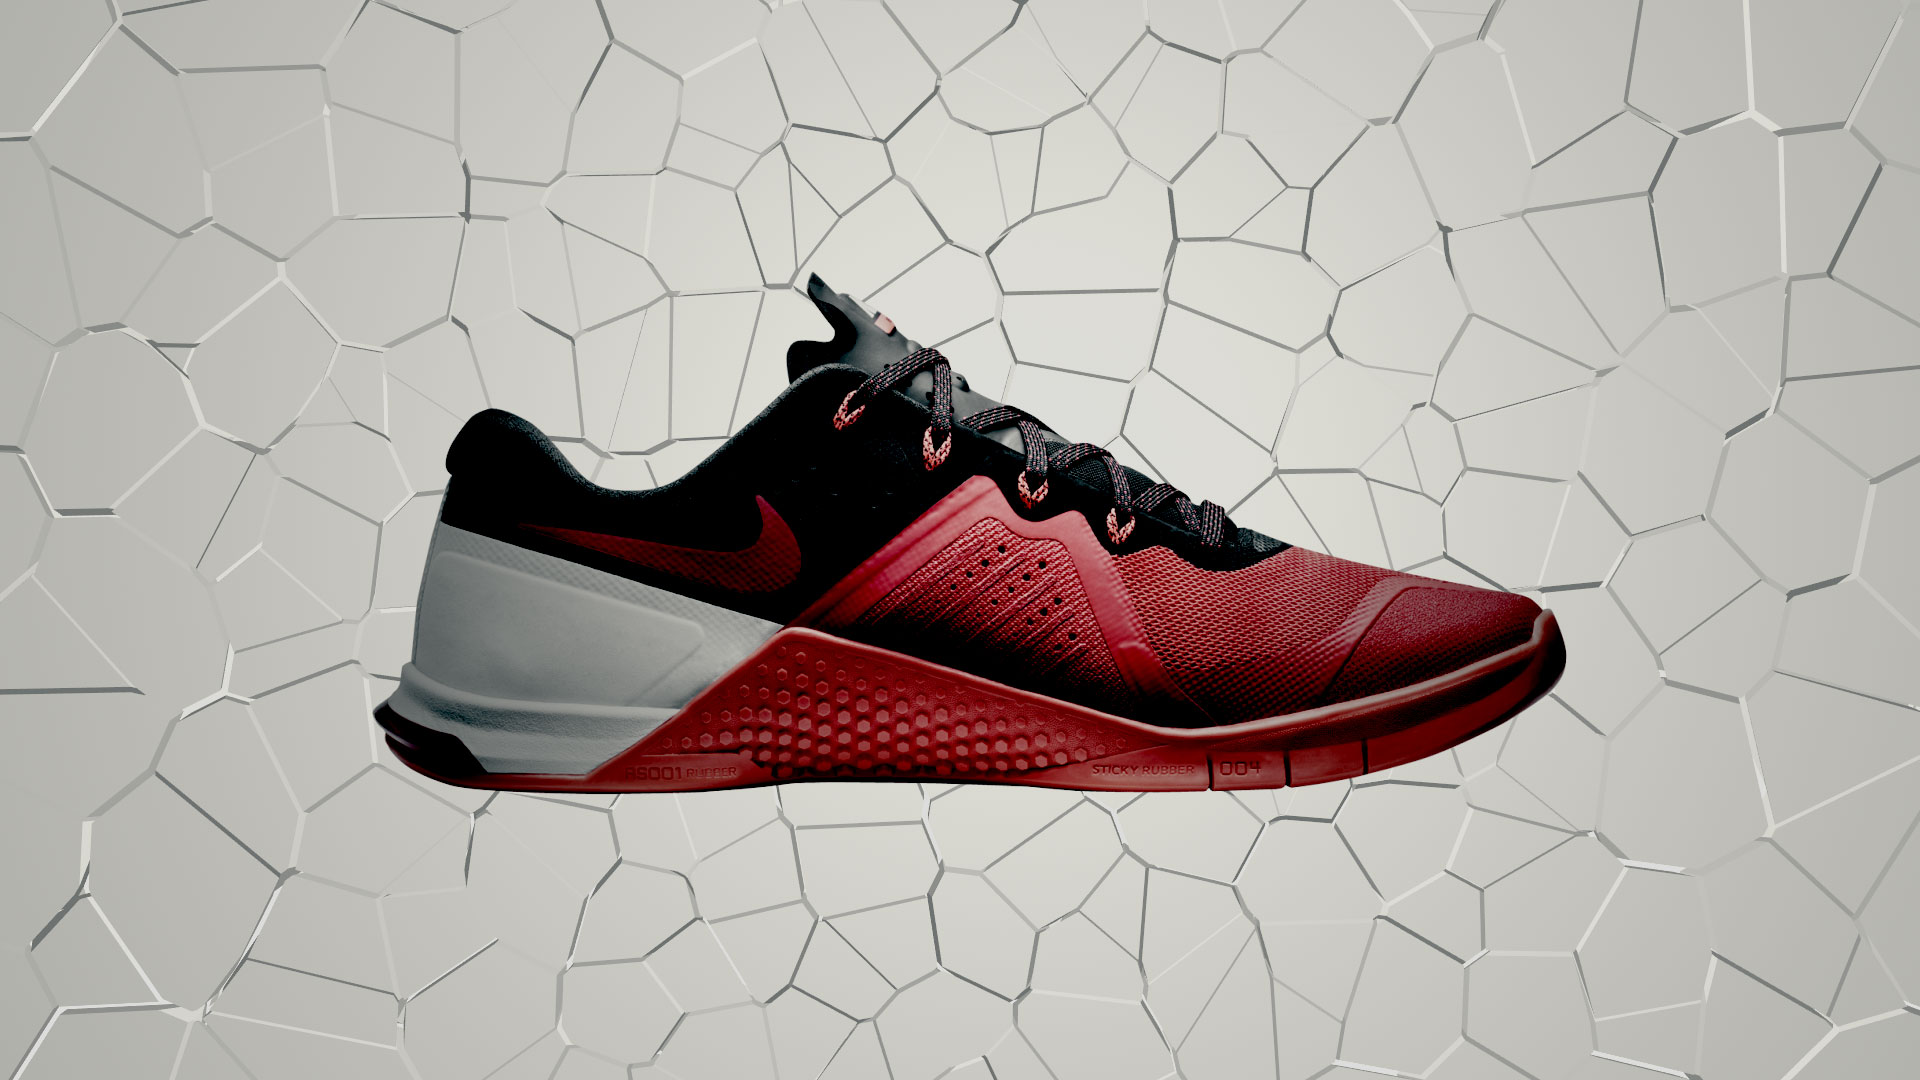 Image: Nike Metcon 05